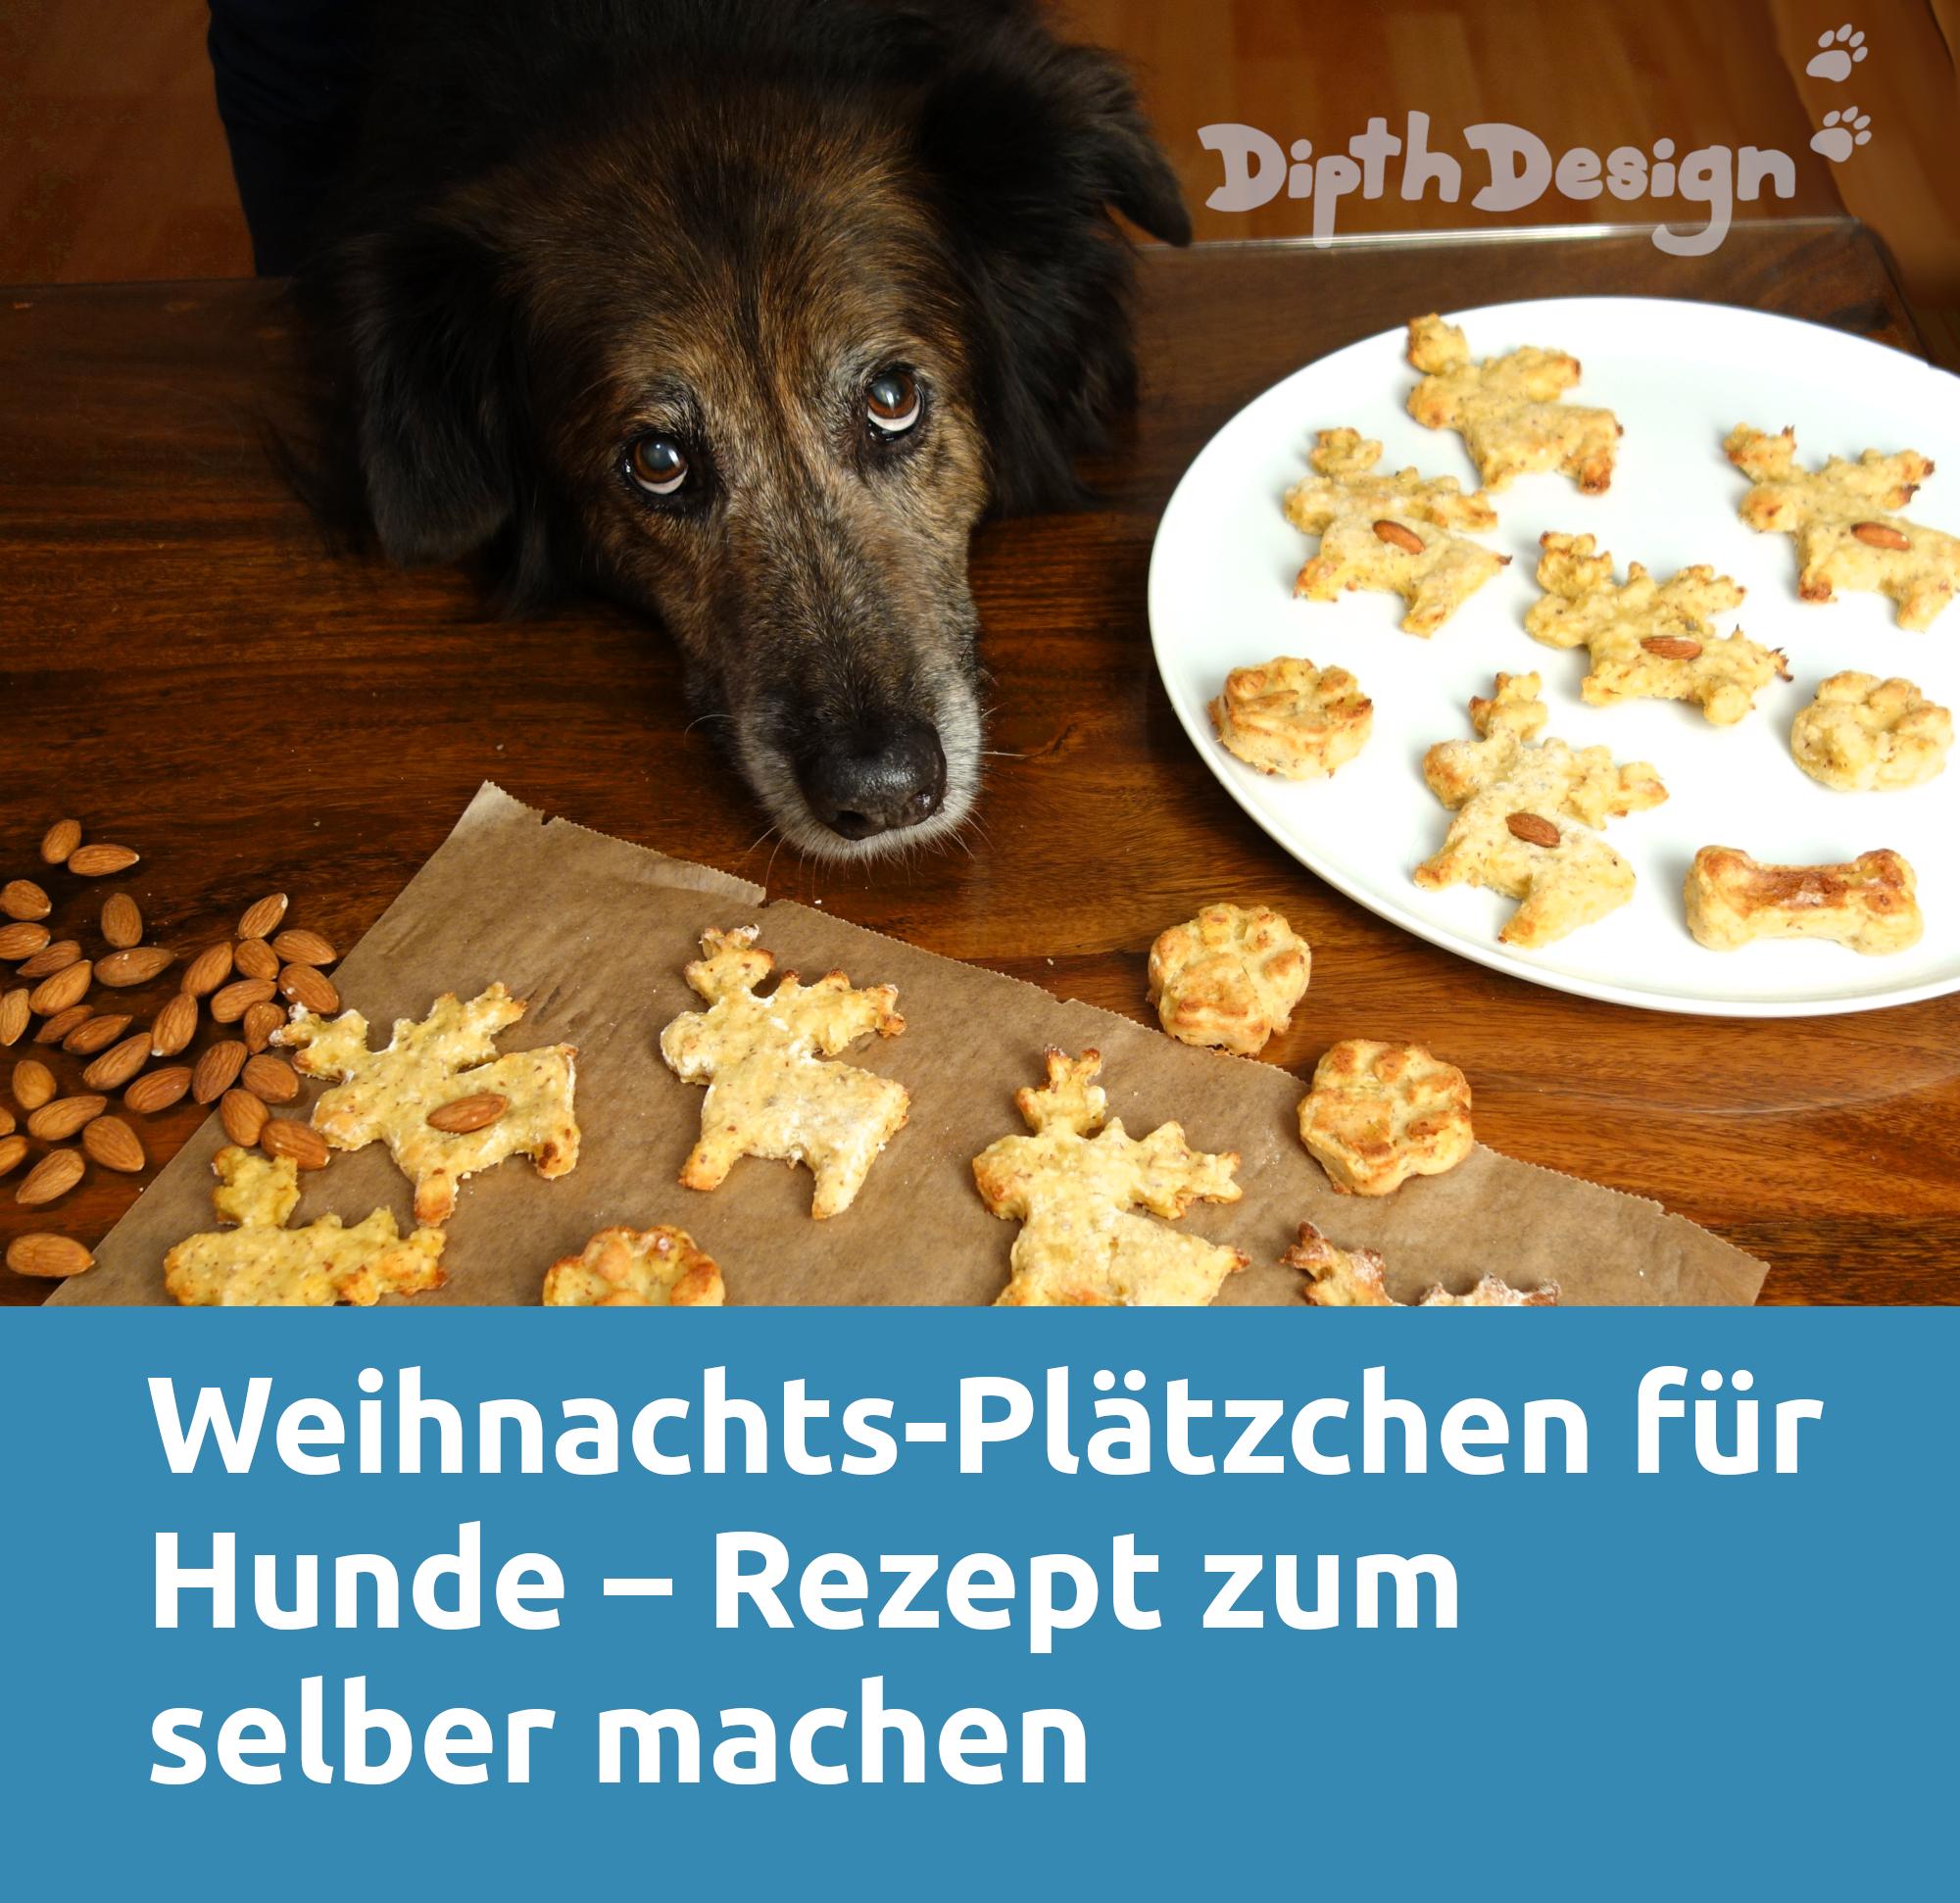 Pin Auf Dipthdesign Hundeblog